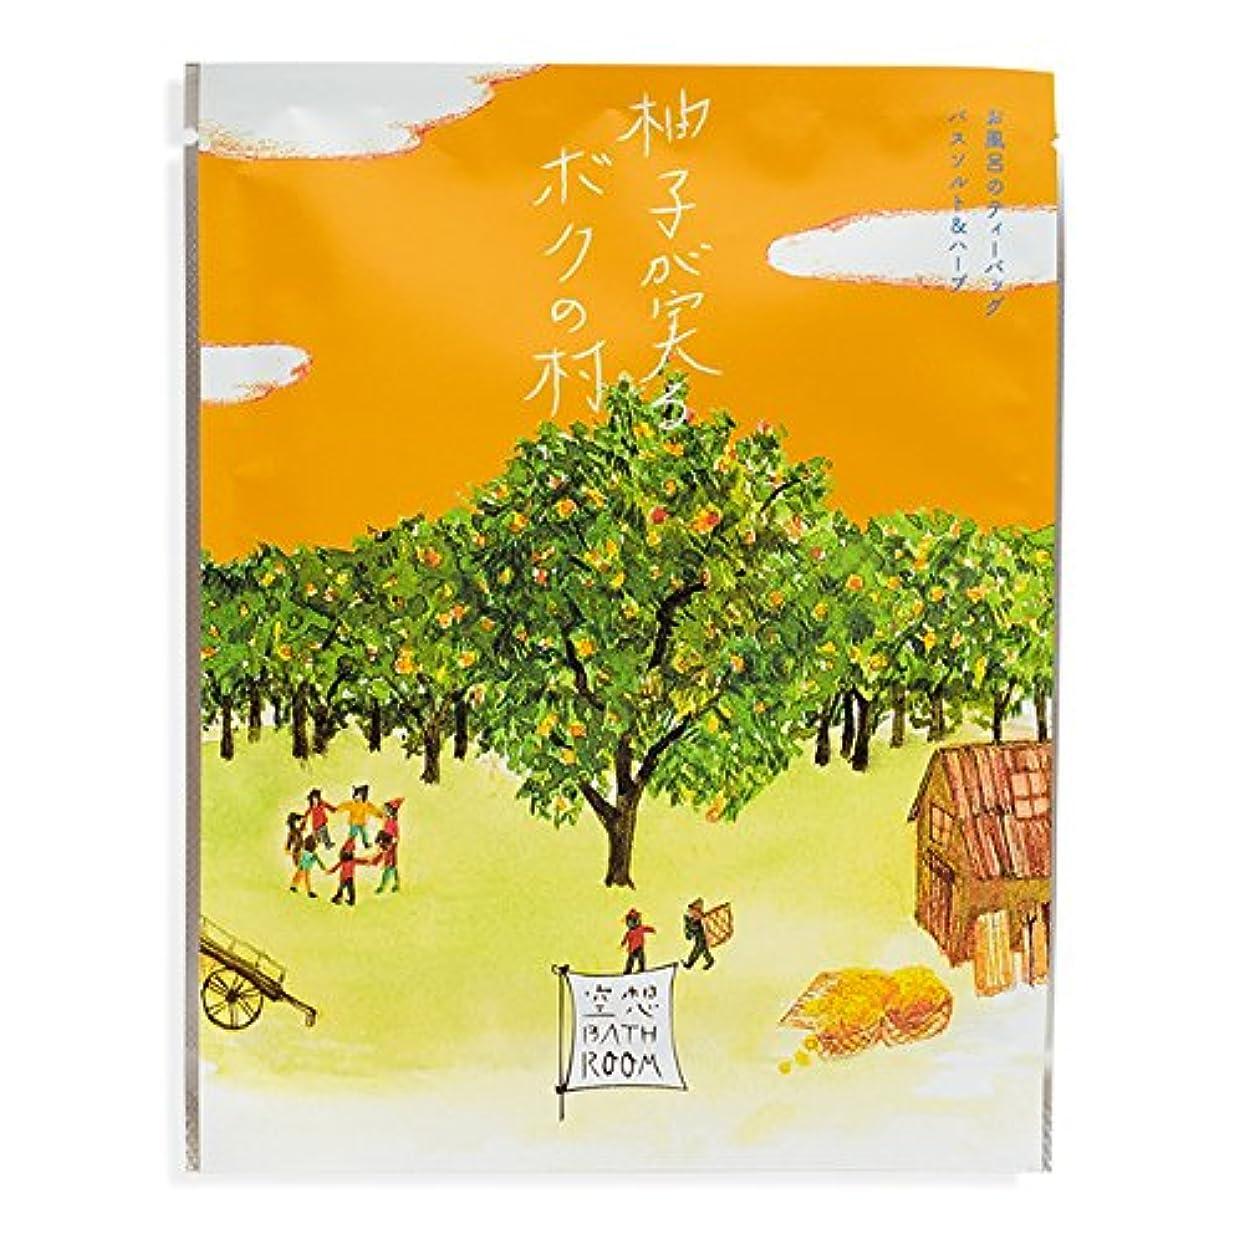 主権者量プーノチャーリー 空想バスルーム 柚子が実るボクの村 30g